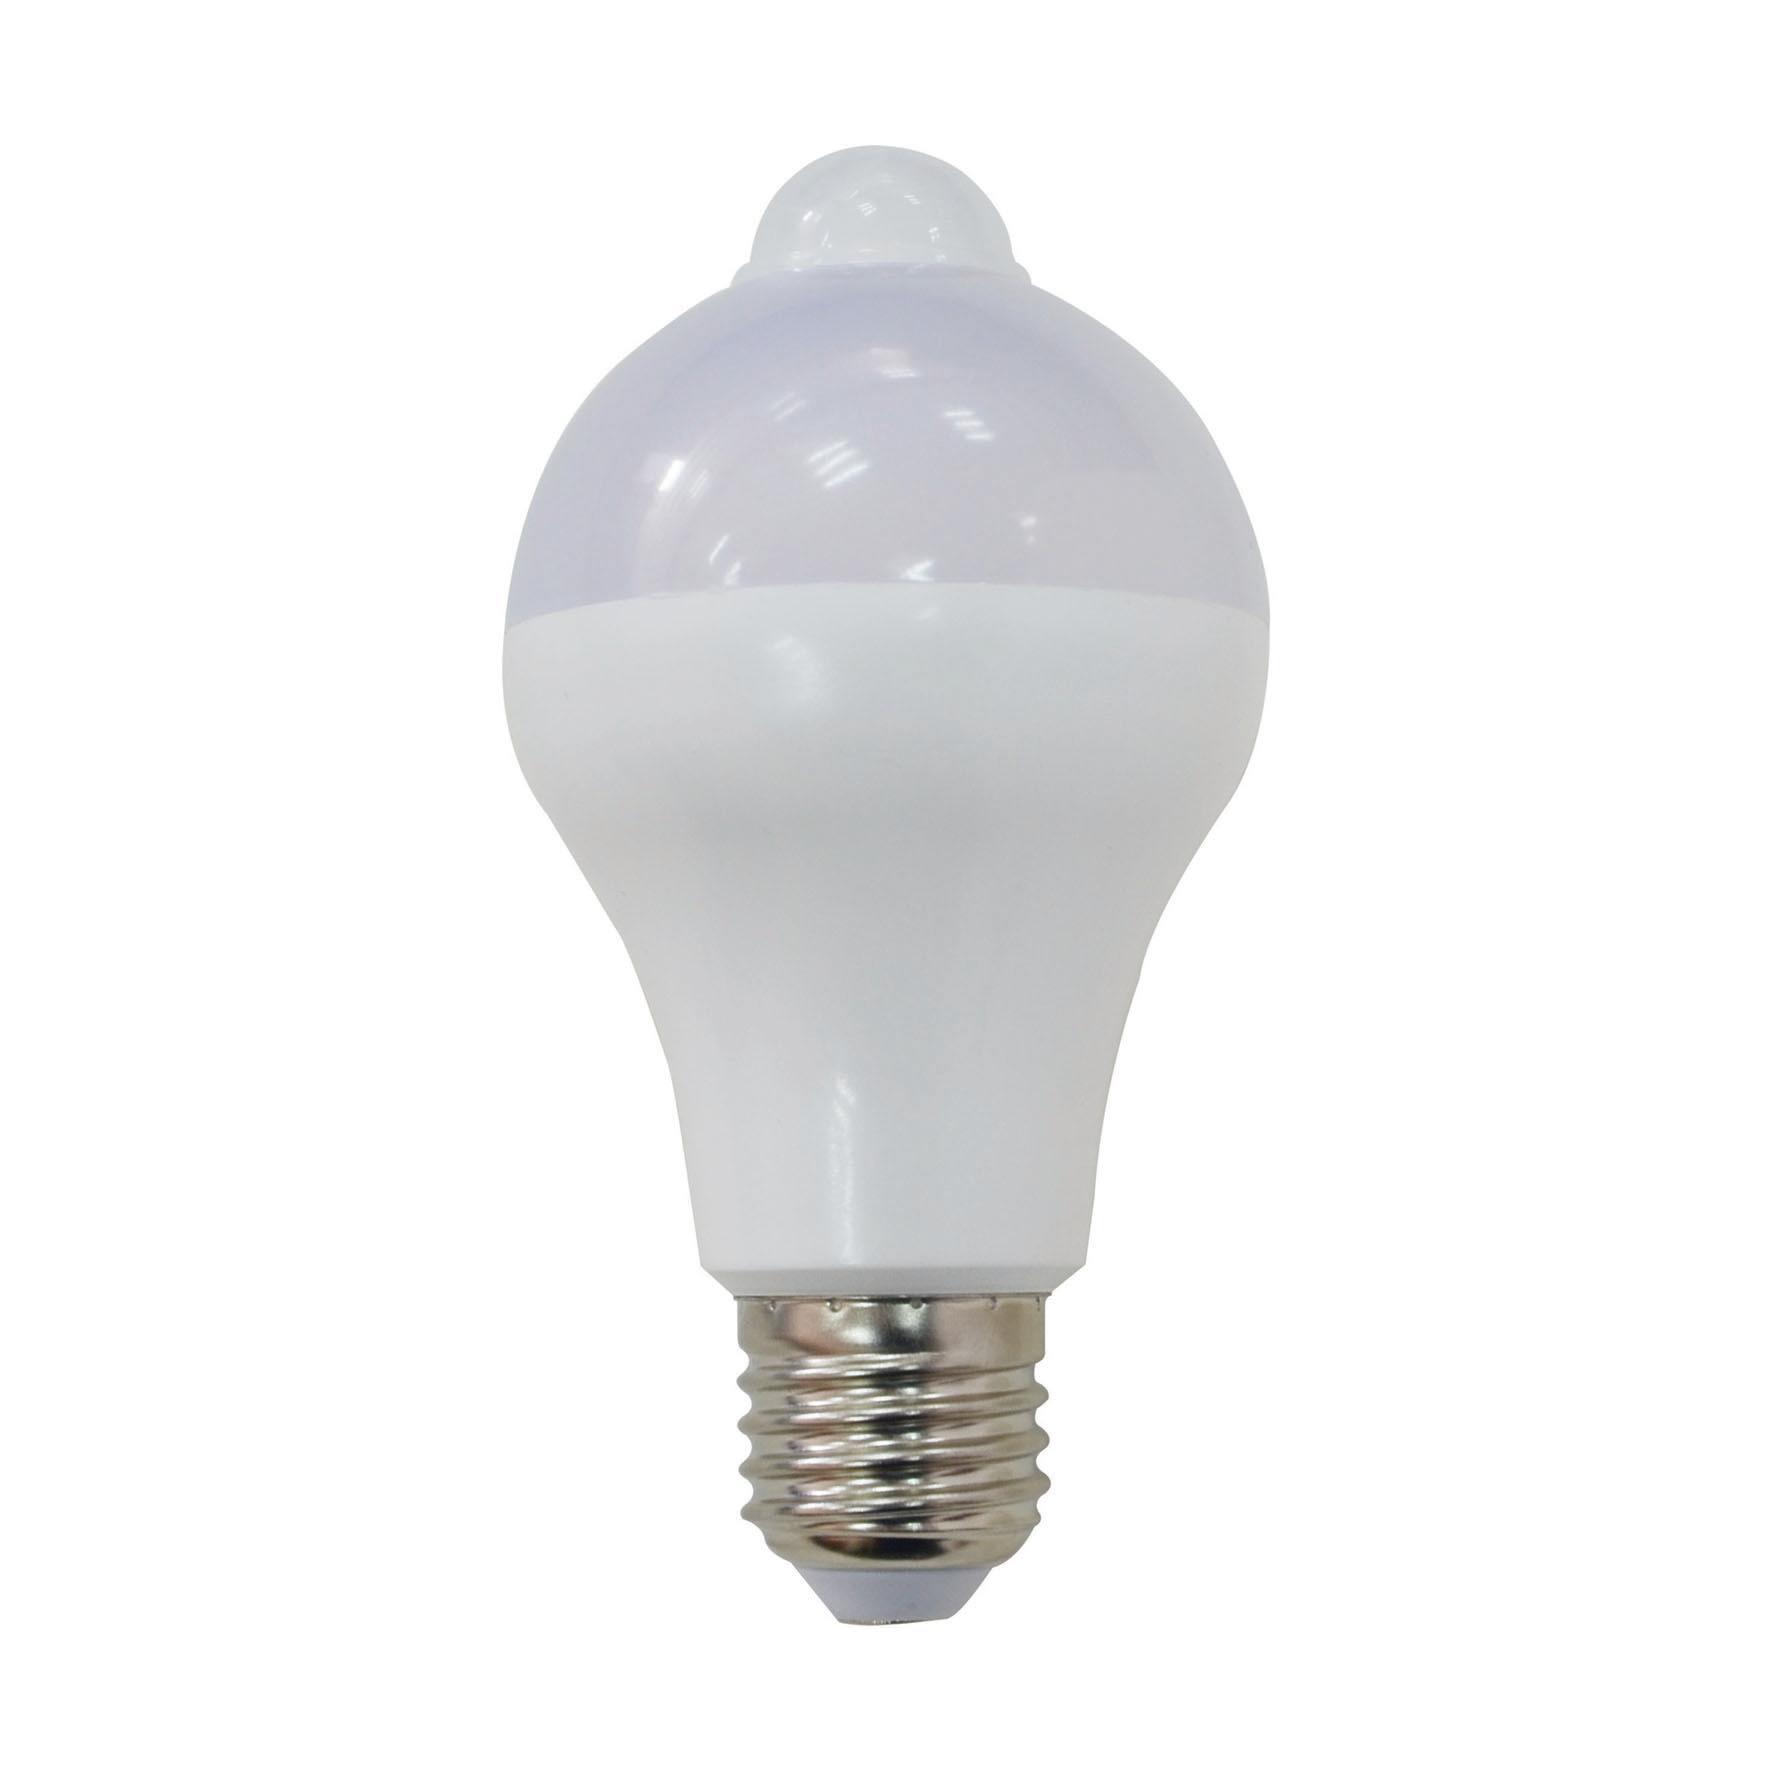 Lampadina LED, E27, Goccia, Opaco, Luce fredda, 12W=1055LM (equiv 75 W), 150° , LEXMAN - 1